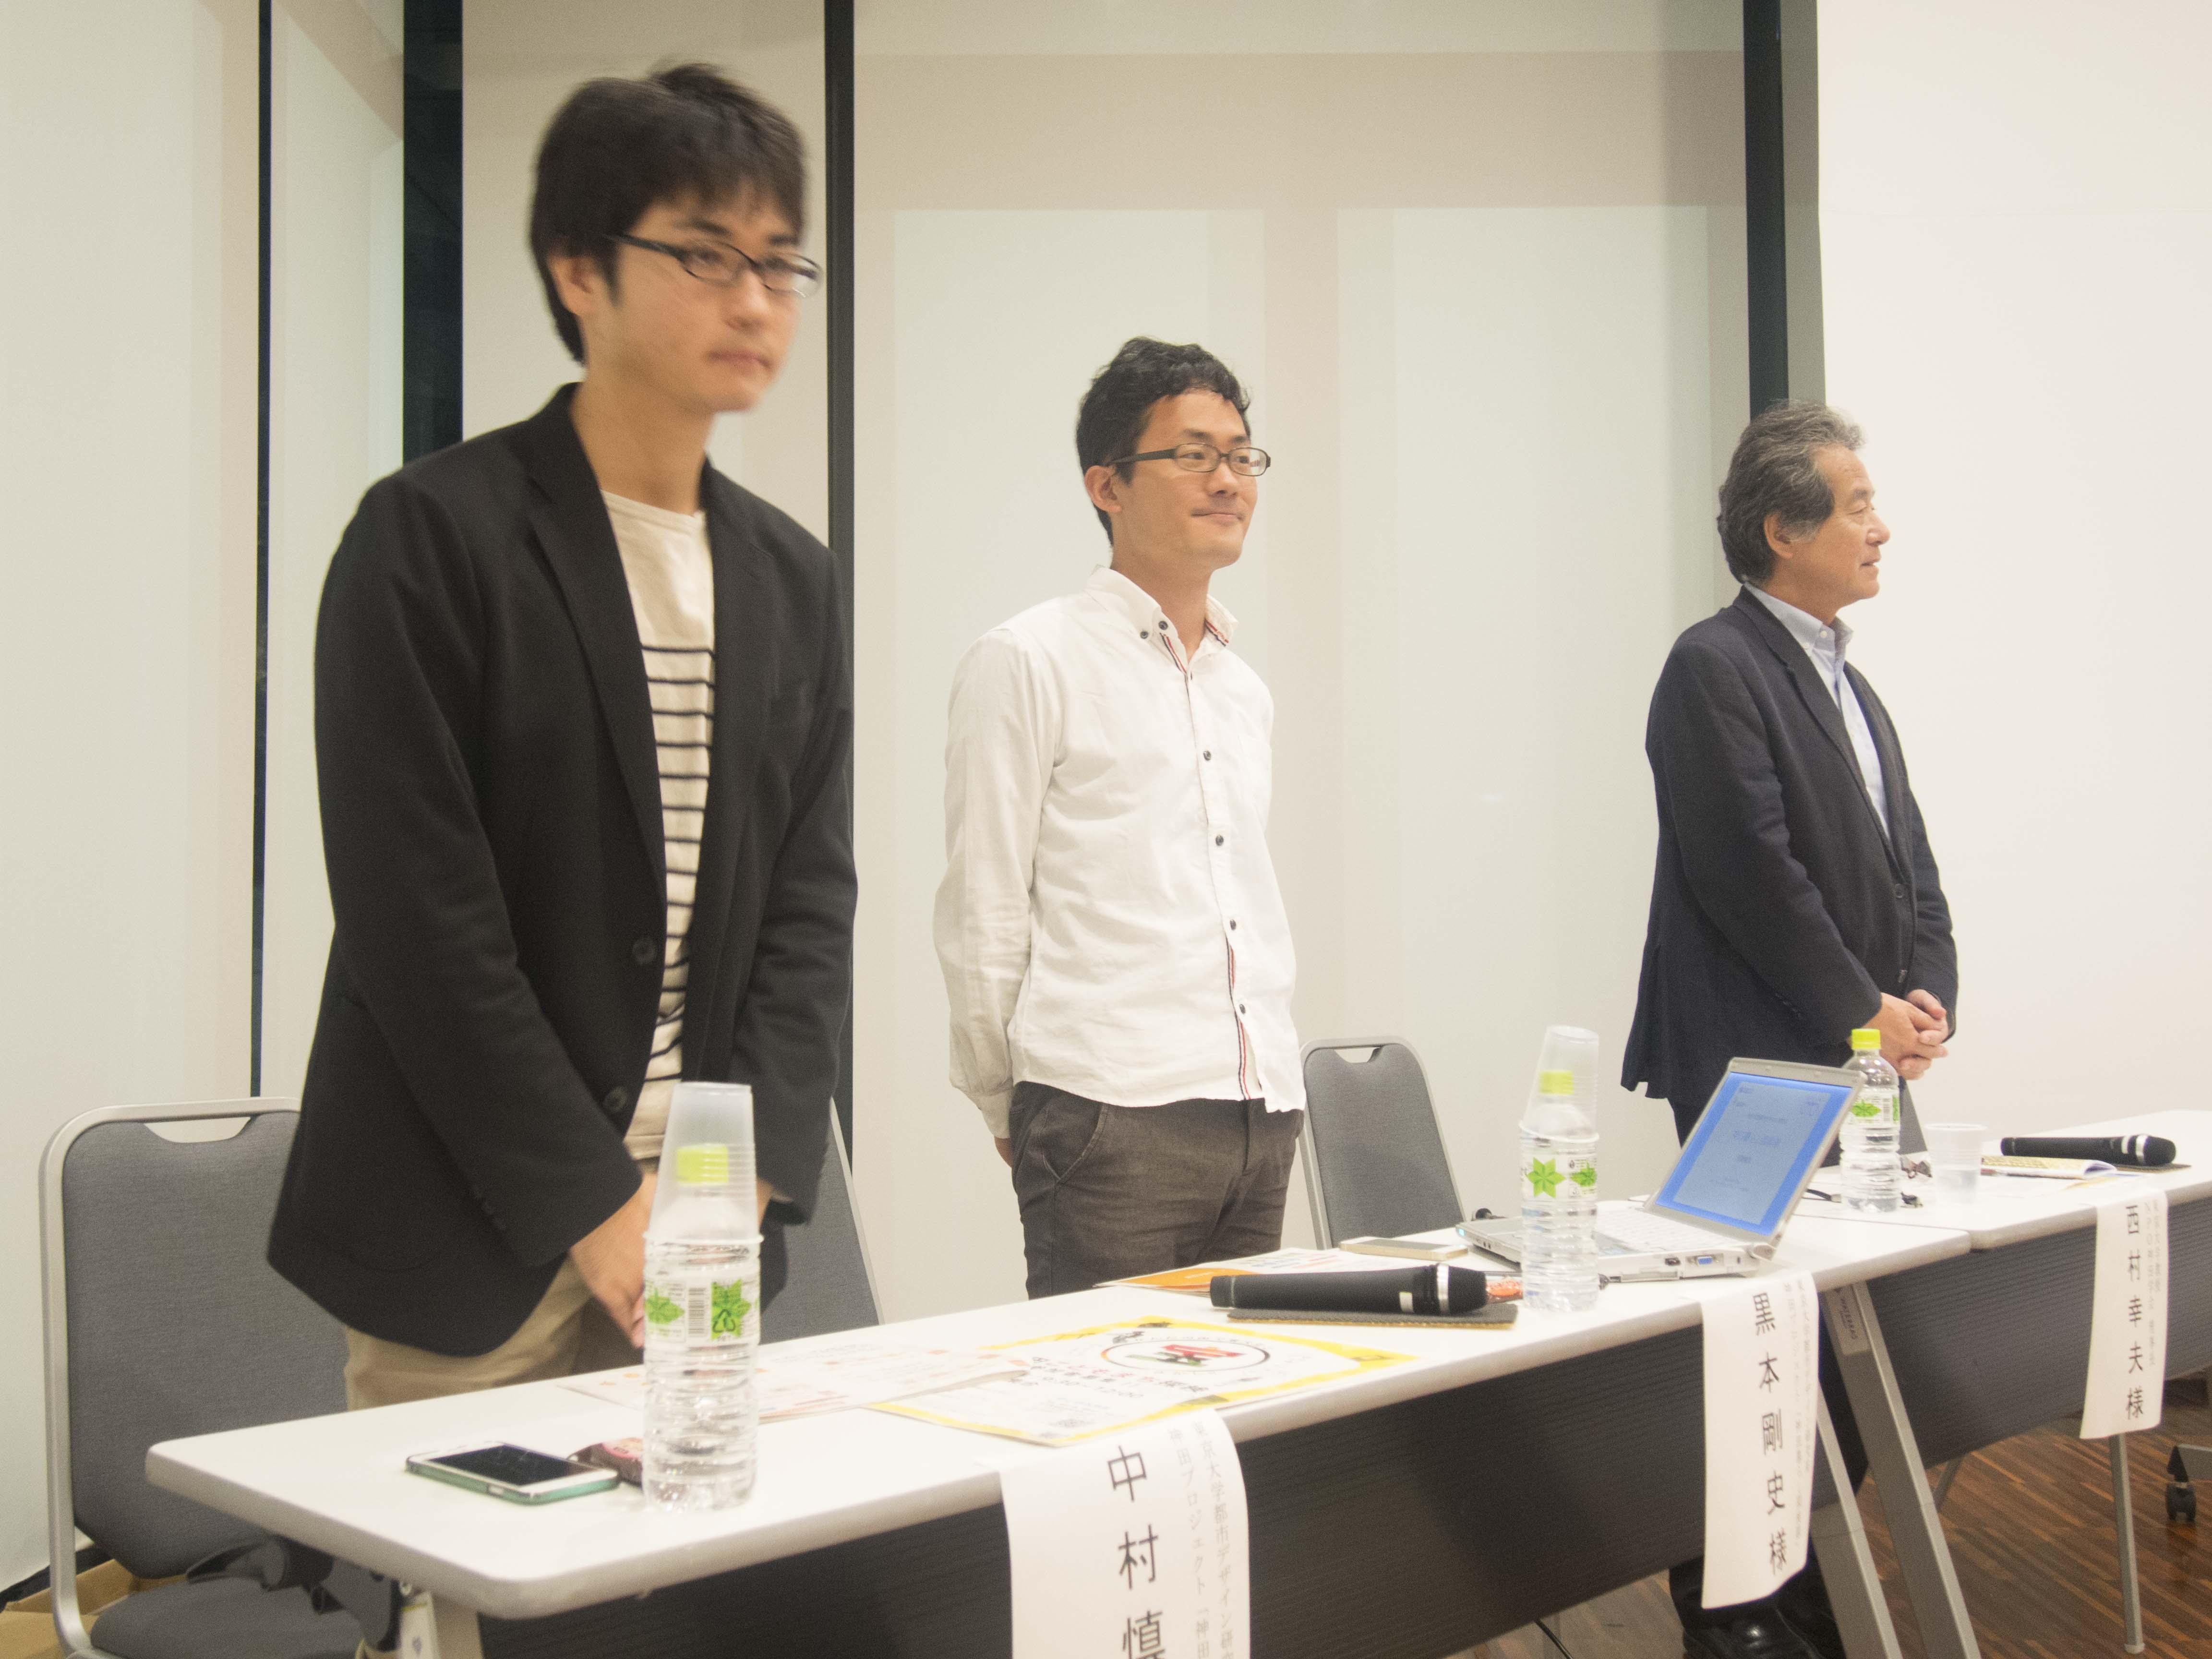 http://ud.t.u-tokyo.ac.jp/blog/_images/PA131851.jpg